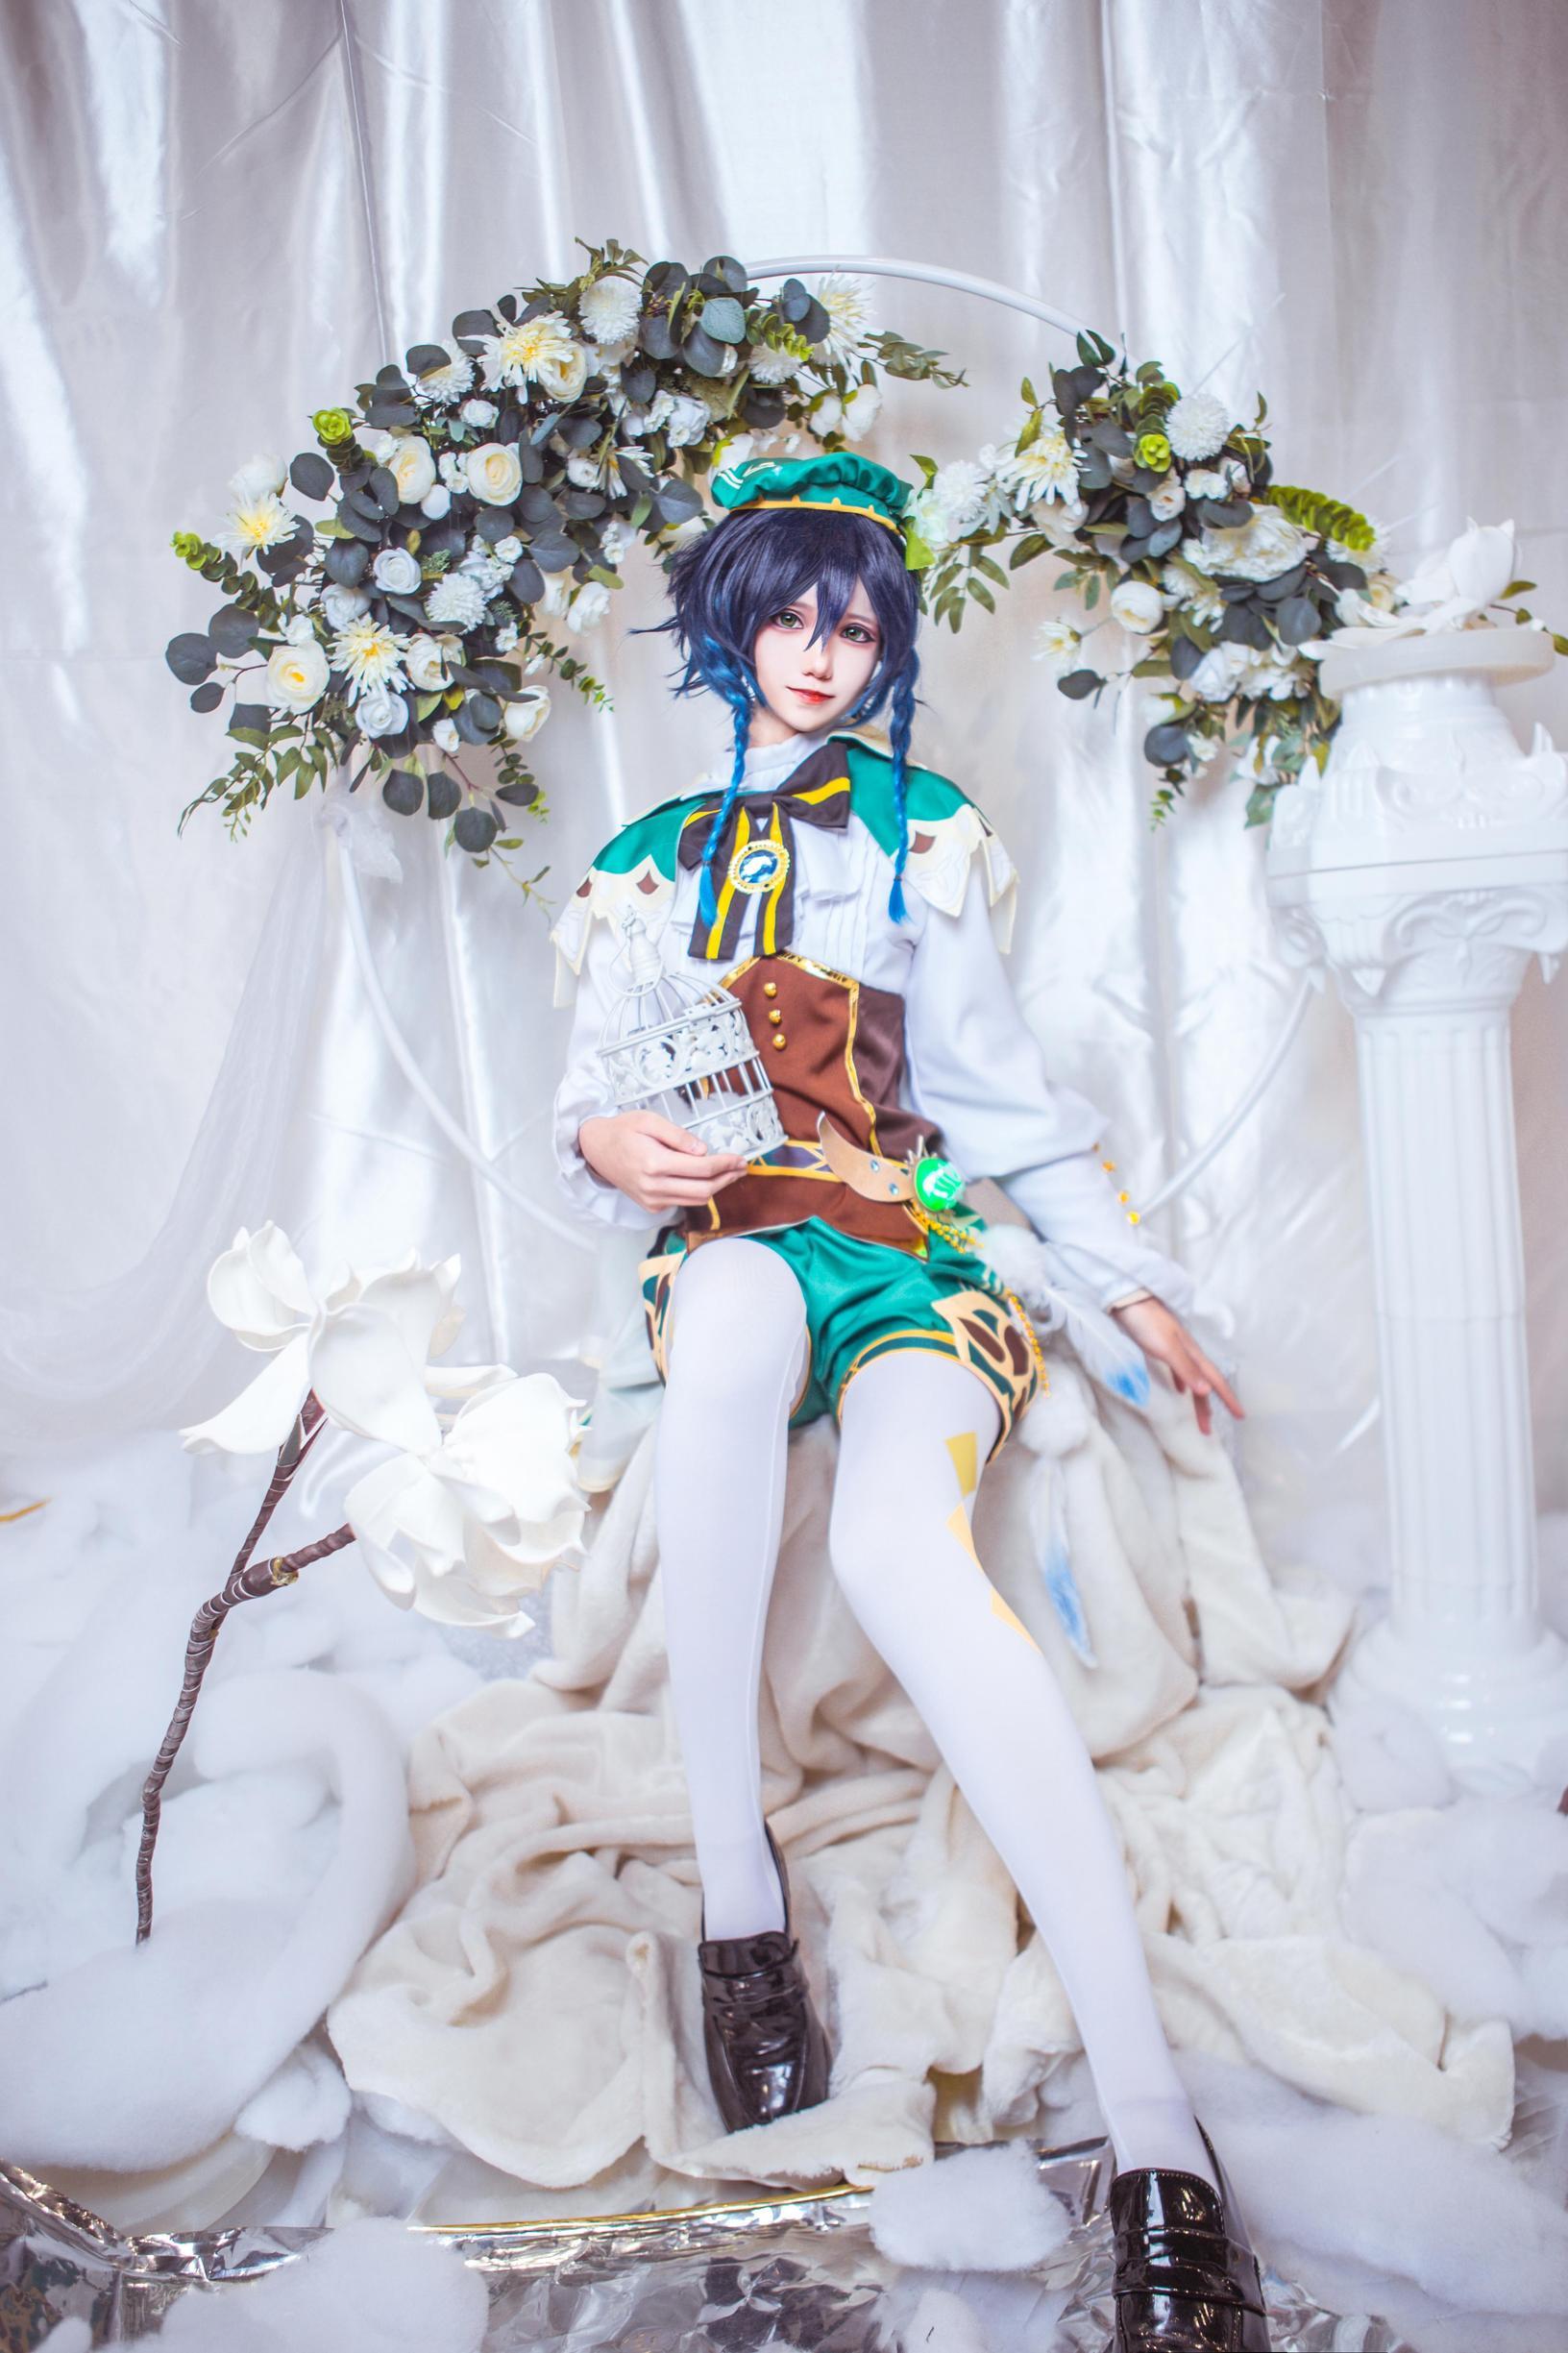 《原神》巴巴托斯cosplay【CN:南千鲤Akirui】-第3张